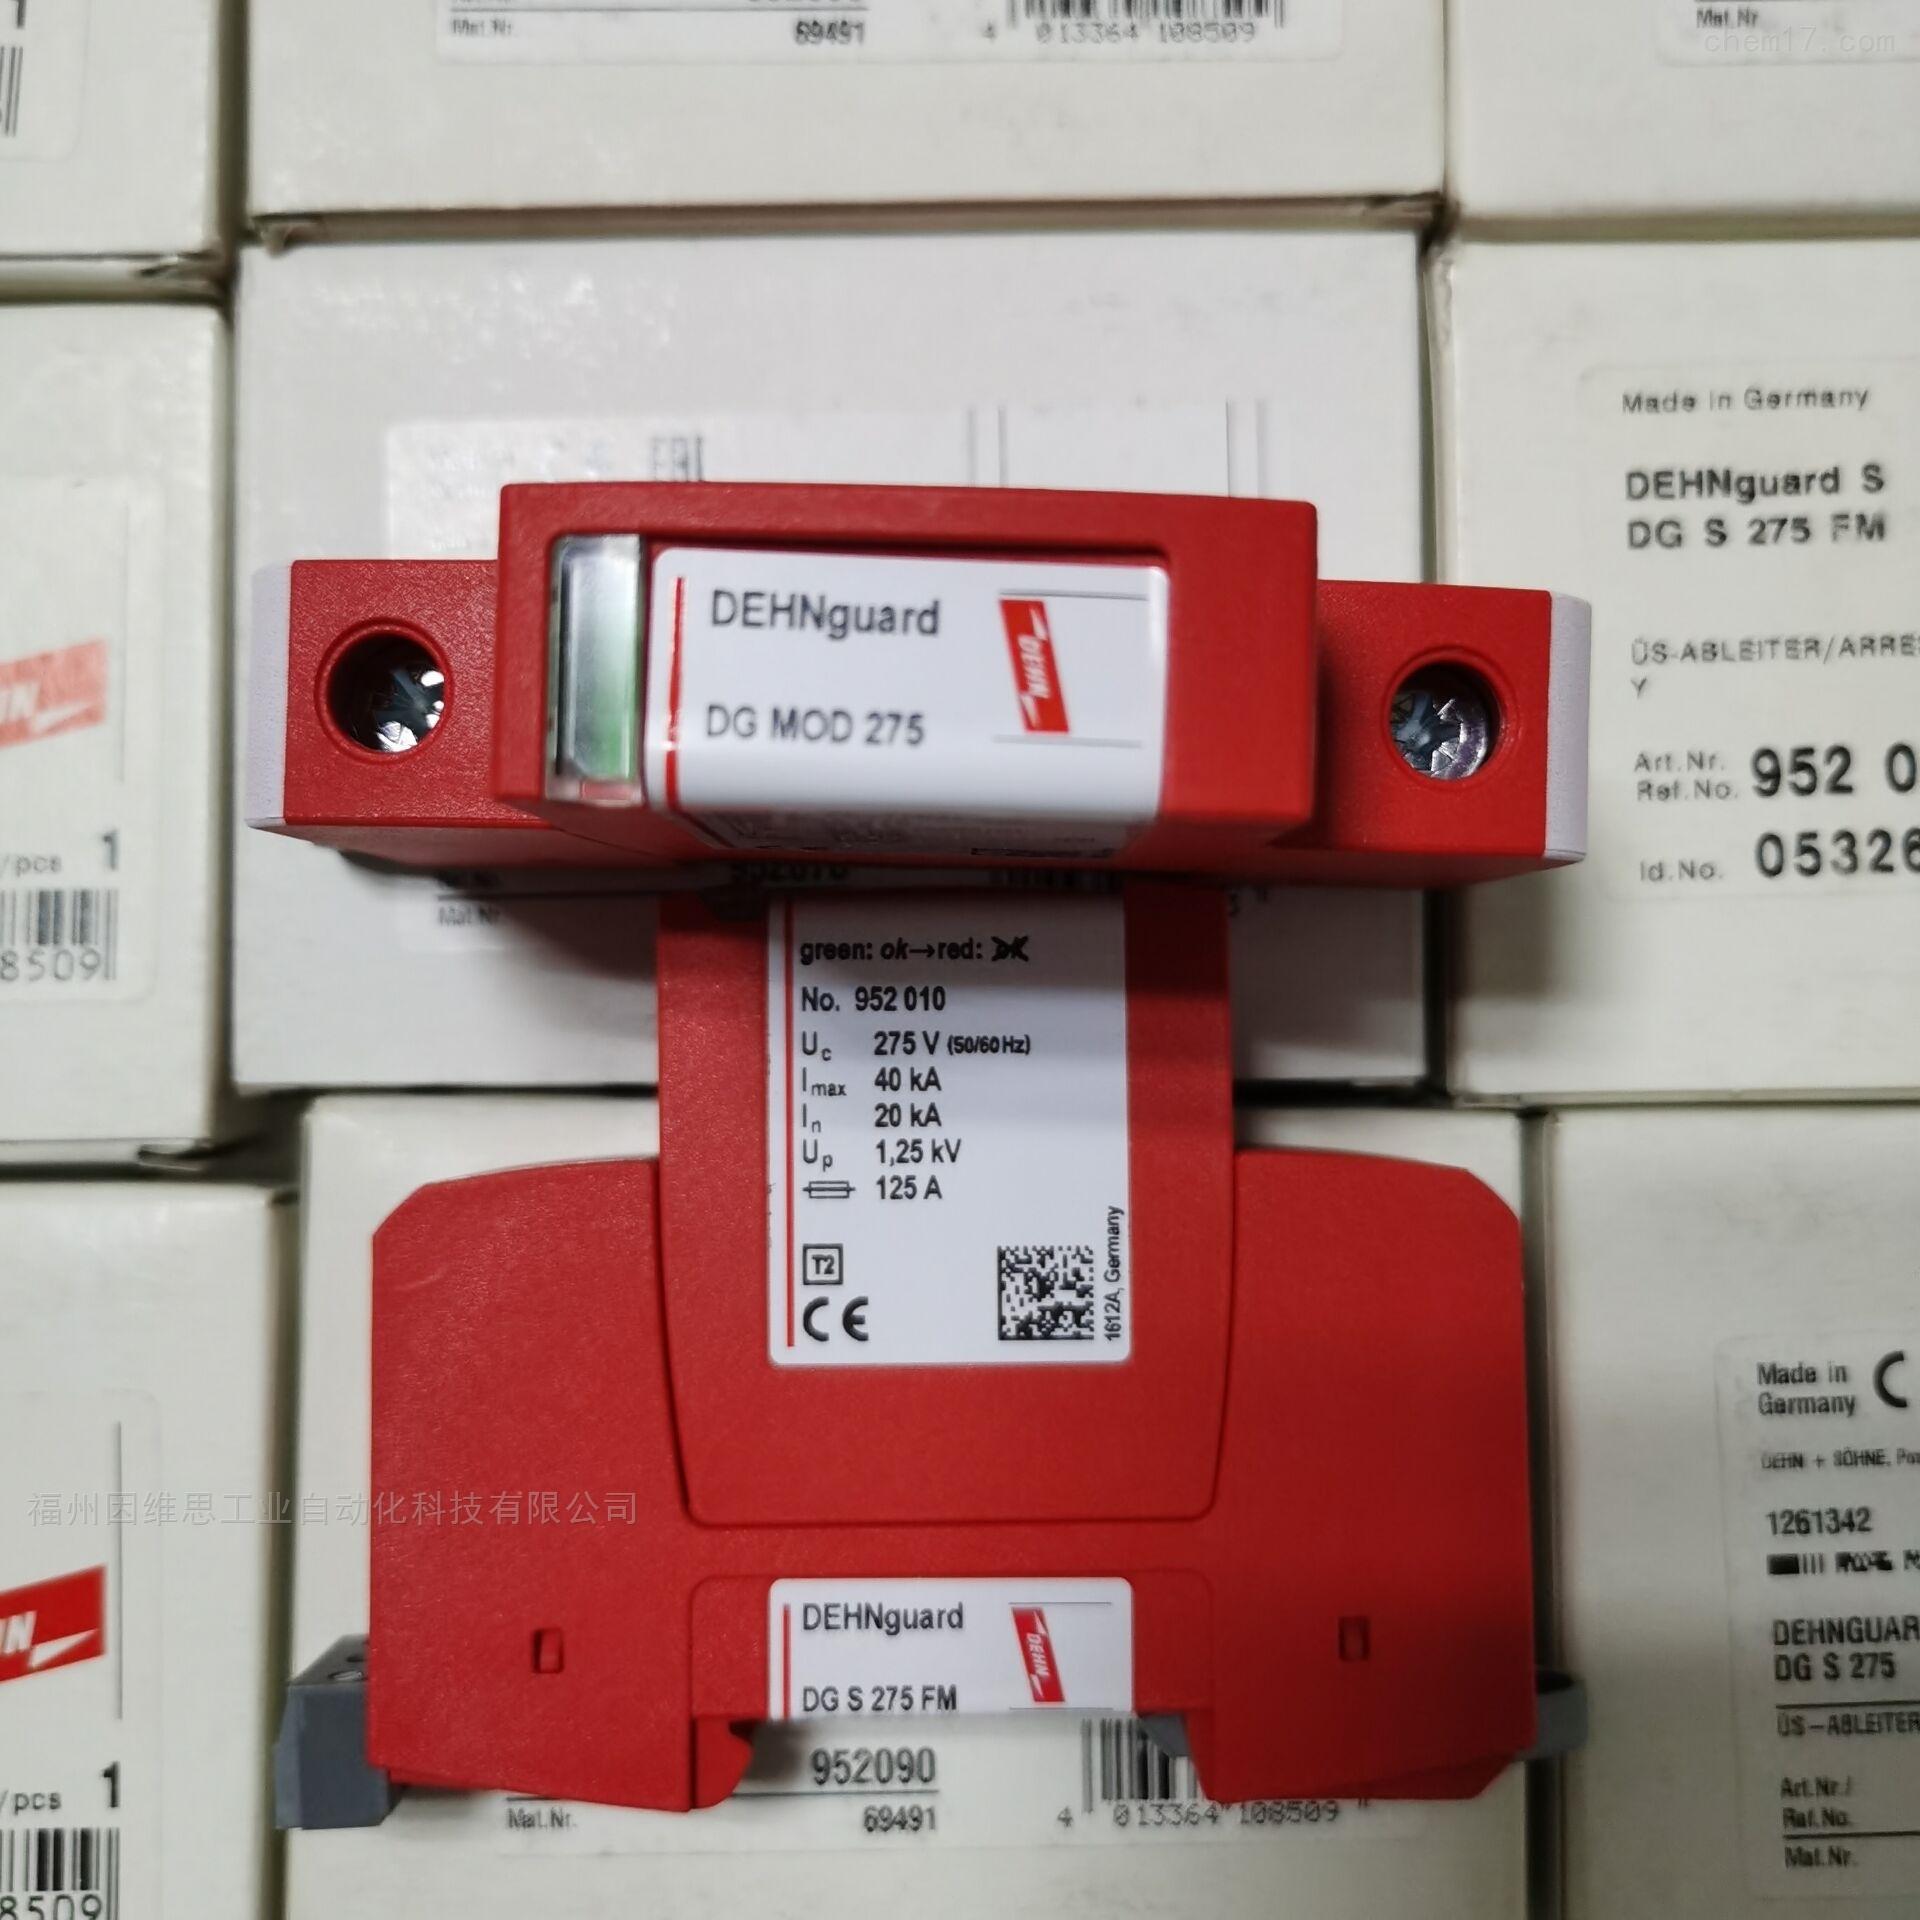 盾牌浪涌保护器DG S ACI 385 FM防雷器特价